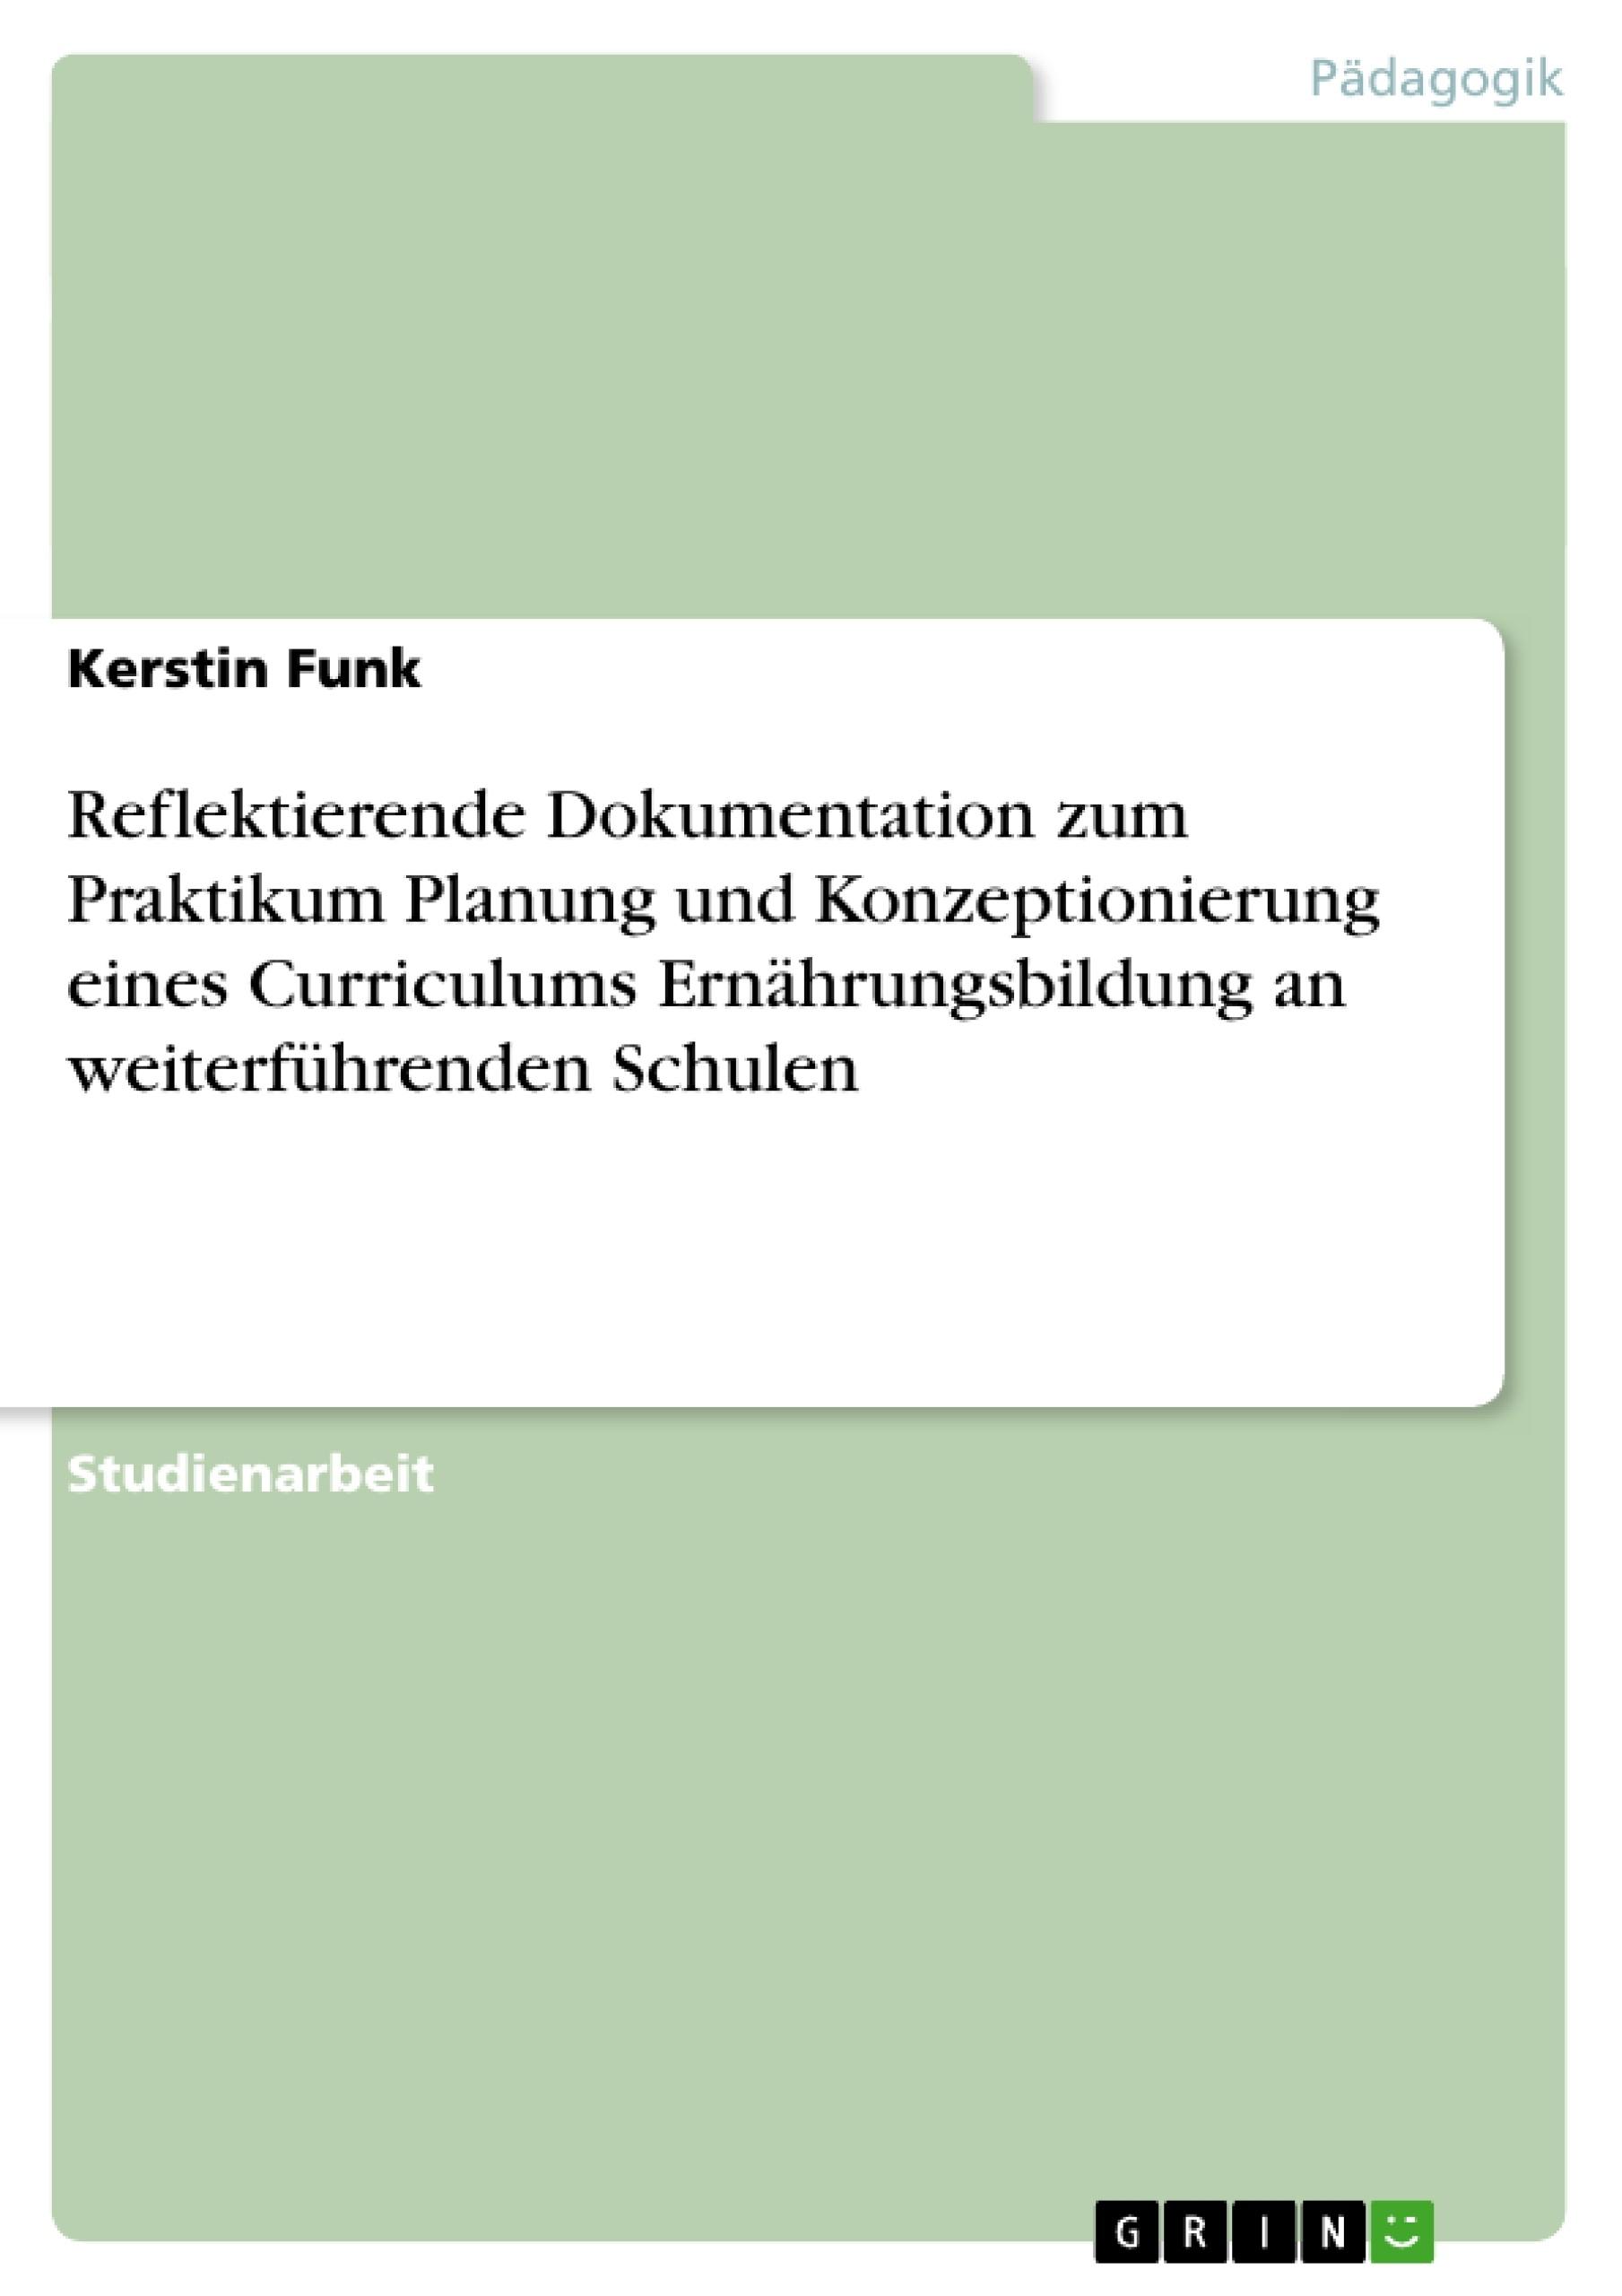 Titel: Reflektierende Dokumentation zum Praktikum Planung und Konzeptionierung eines Curriculums Ernährungsbildung an weiterführenden Schulen